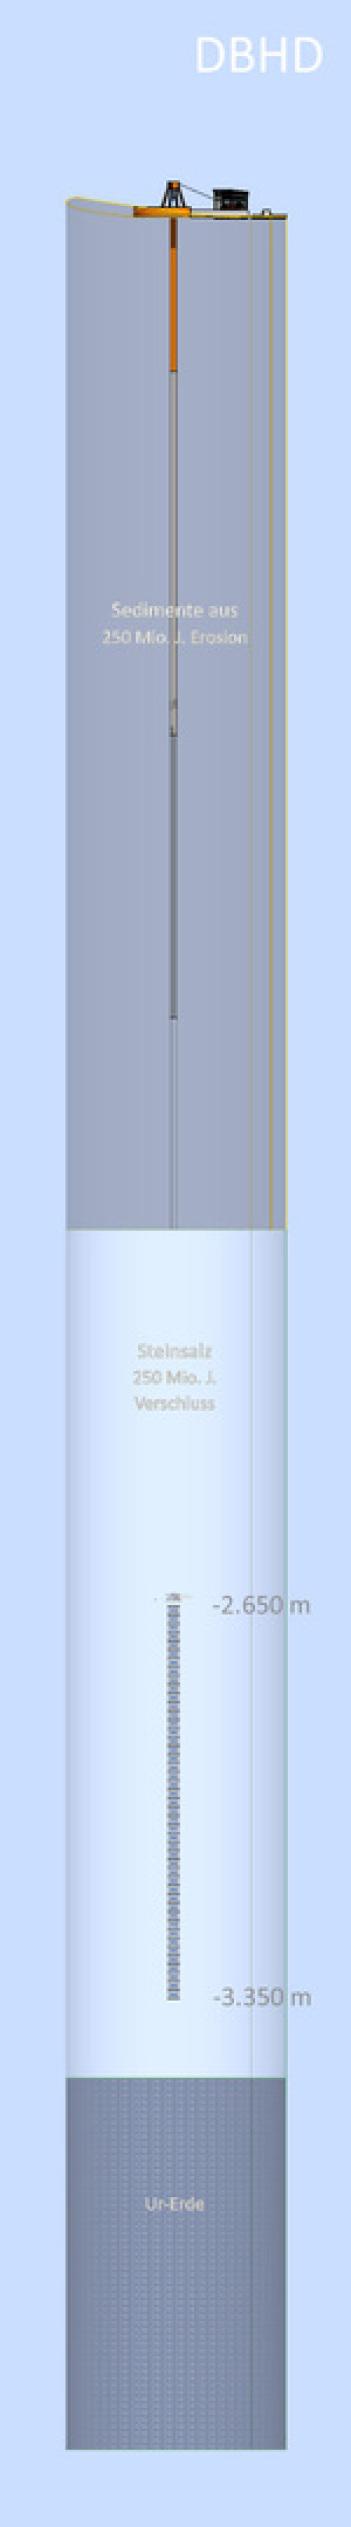 DBHD Endlager Skizze vereinfacht für BGE GmbH und nagra